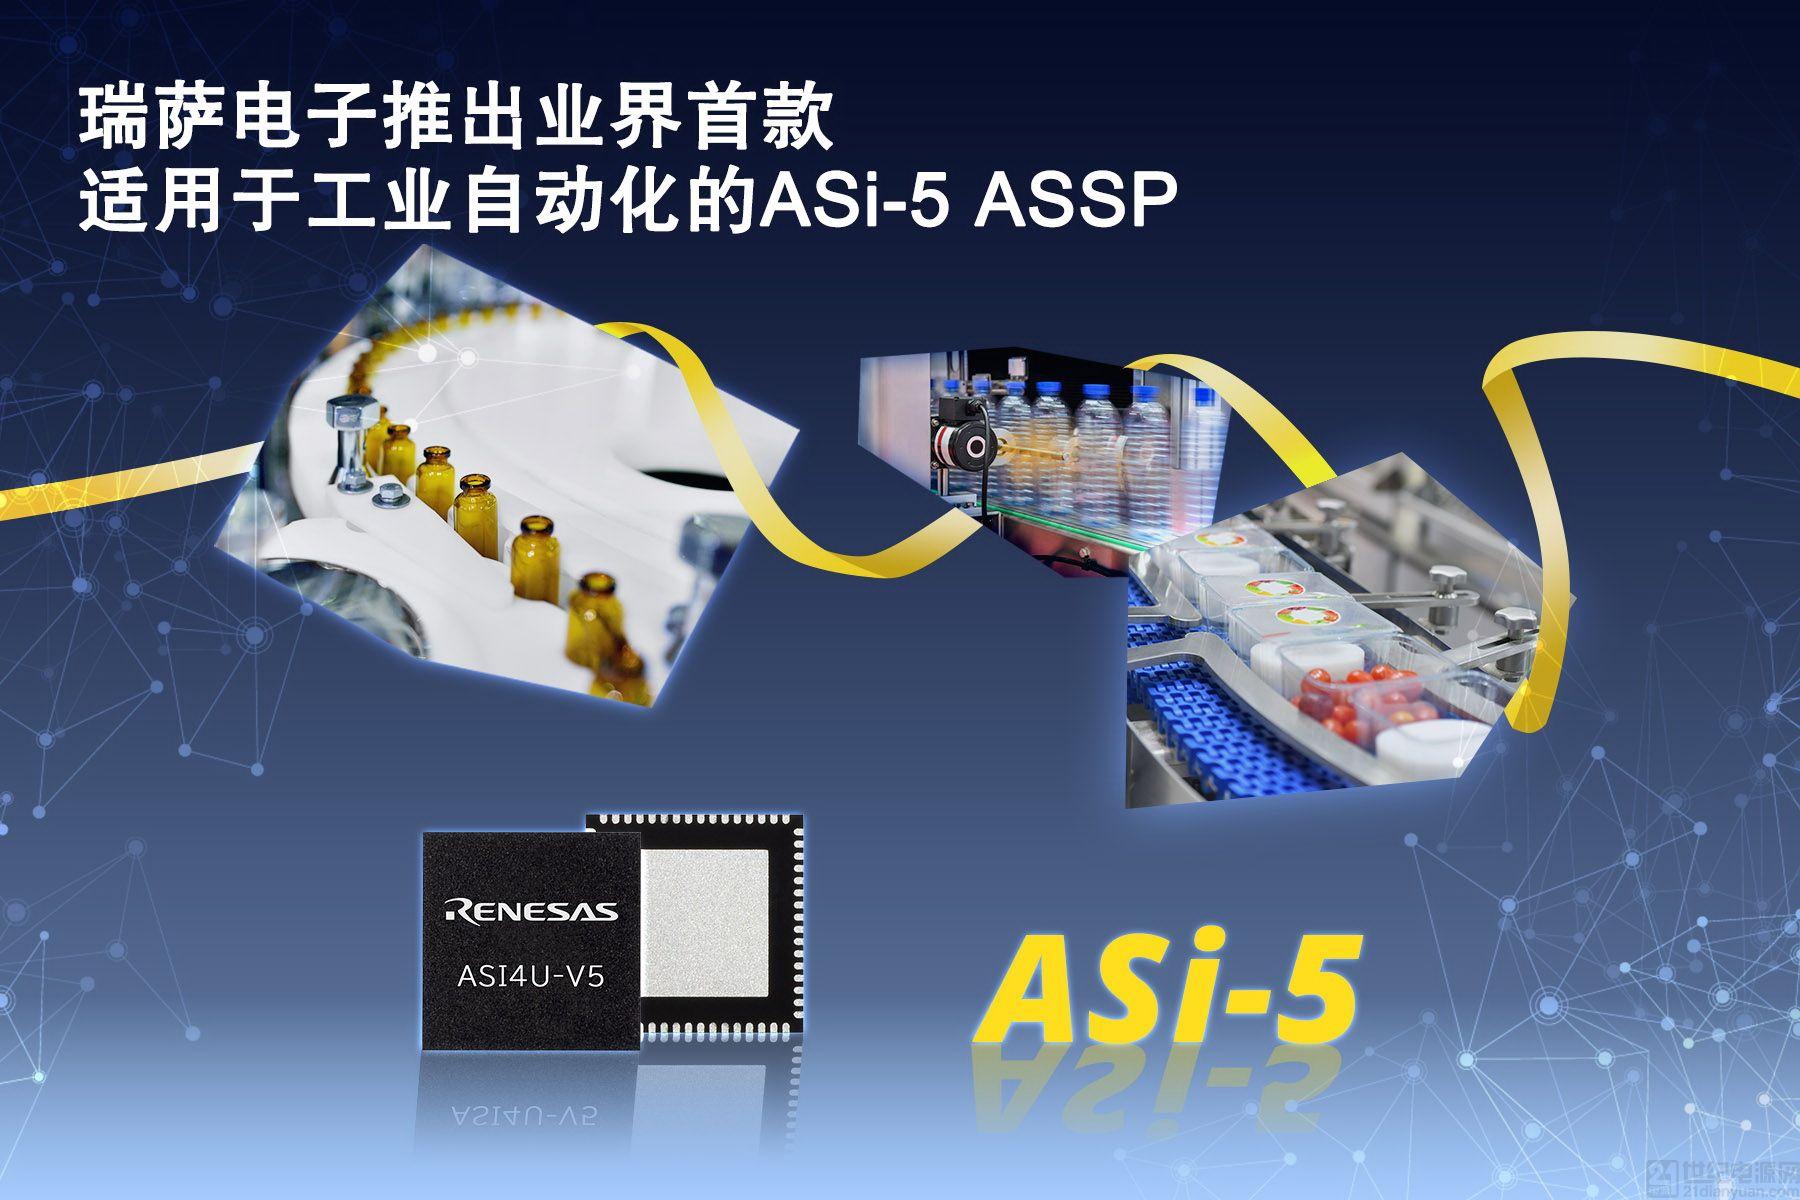 瑞萨电子推出业界首款适用于工业自动化的 ASi-5 ASSP